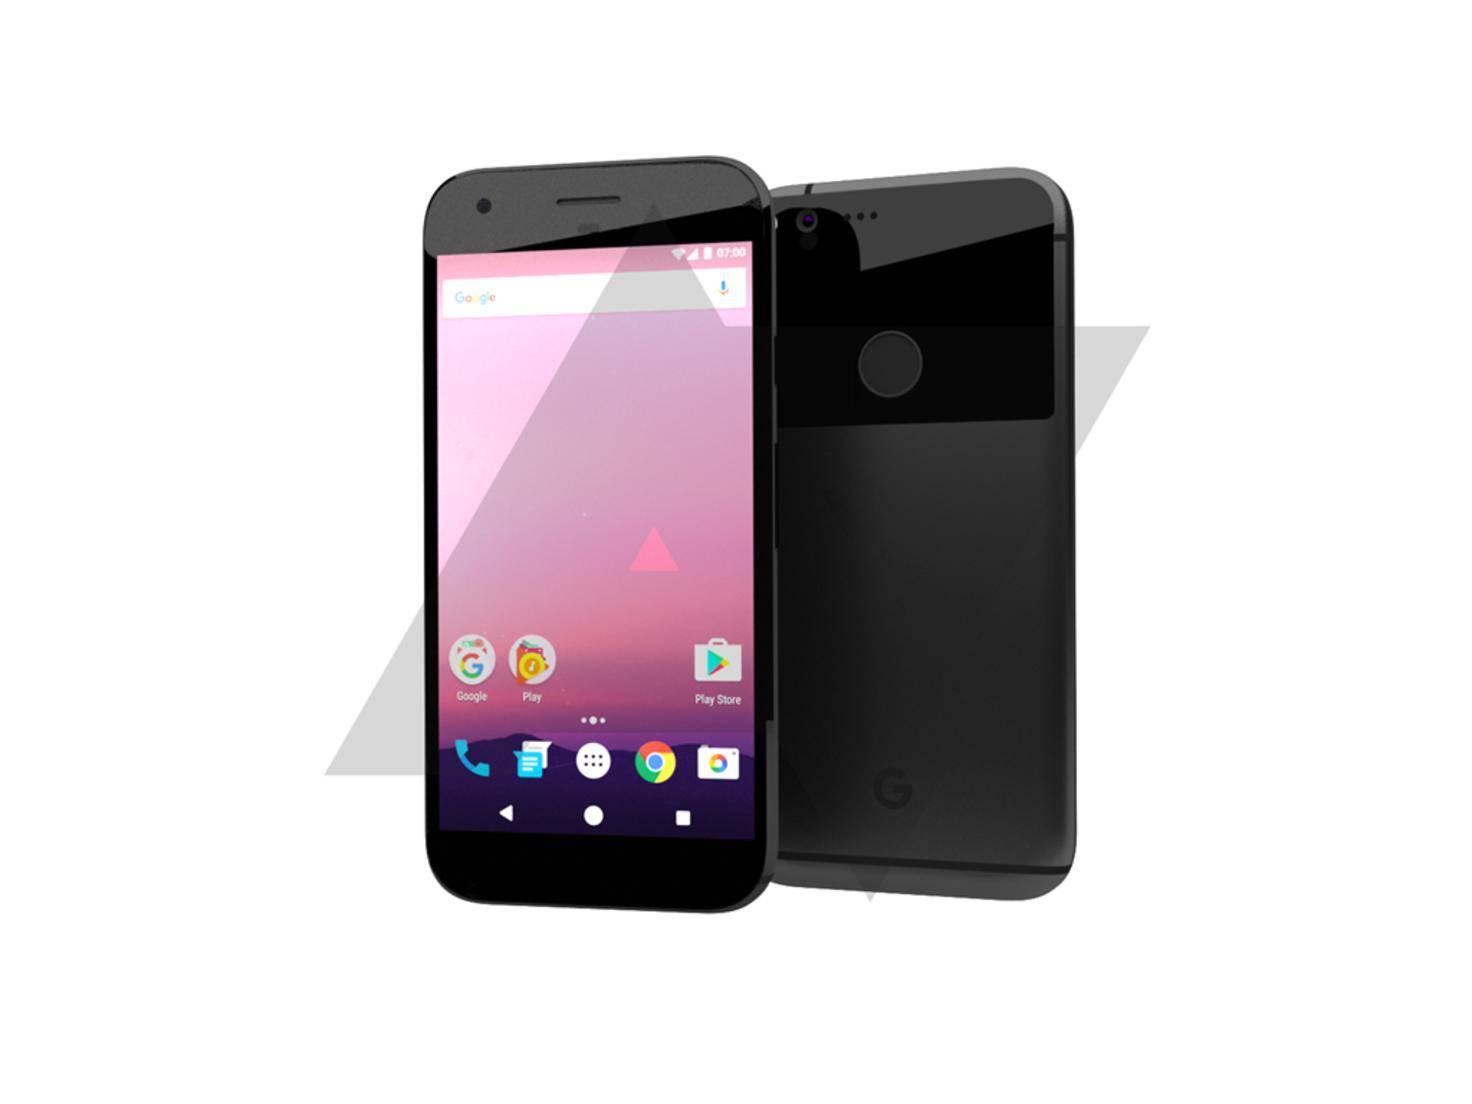 HTC Marlin & Sailfish